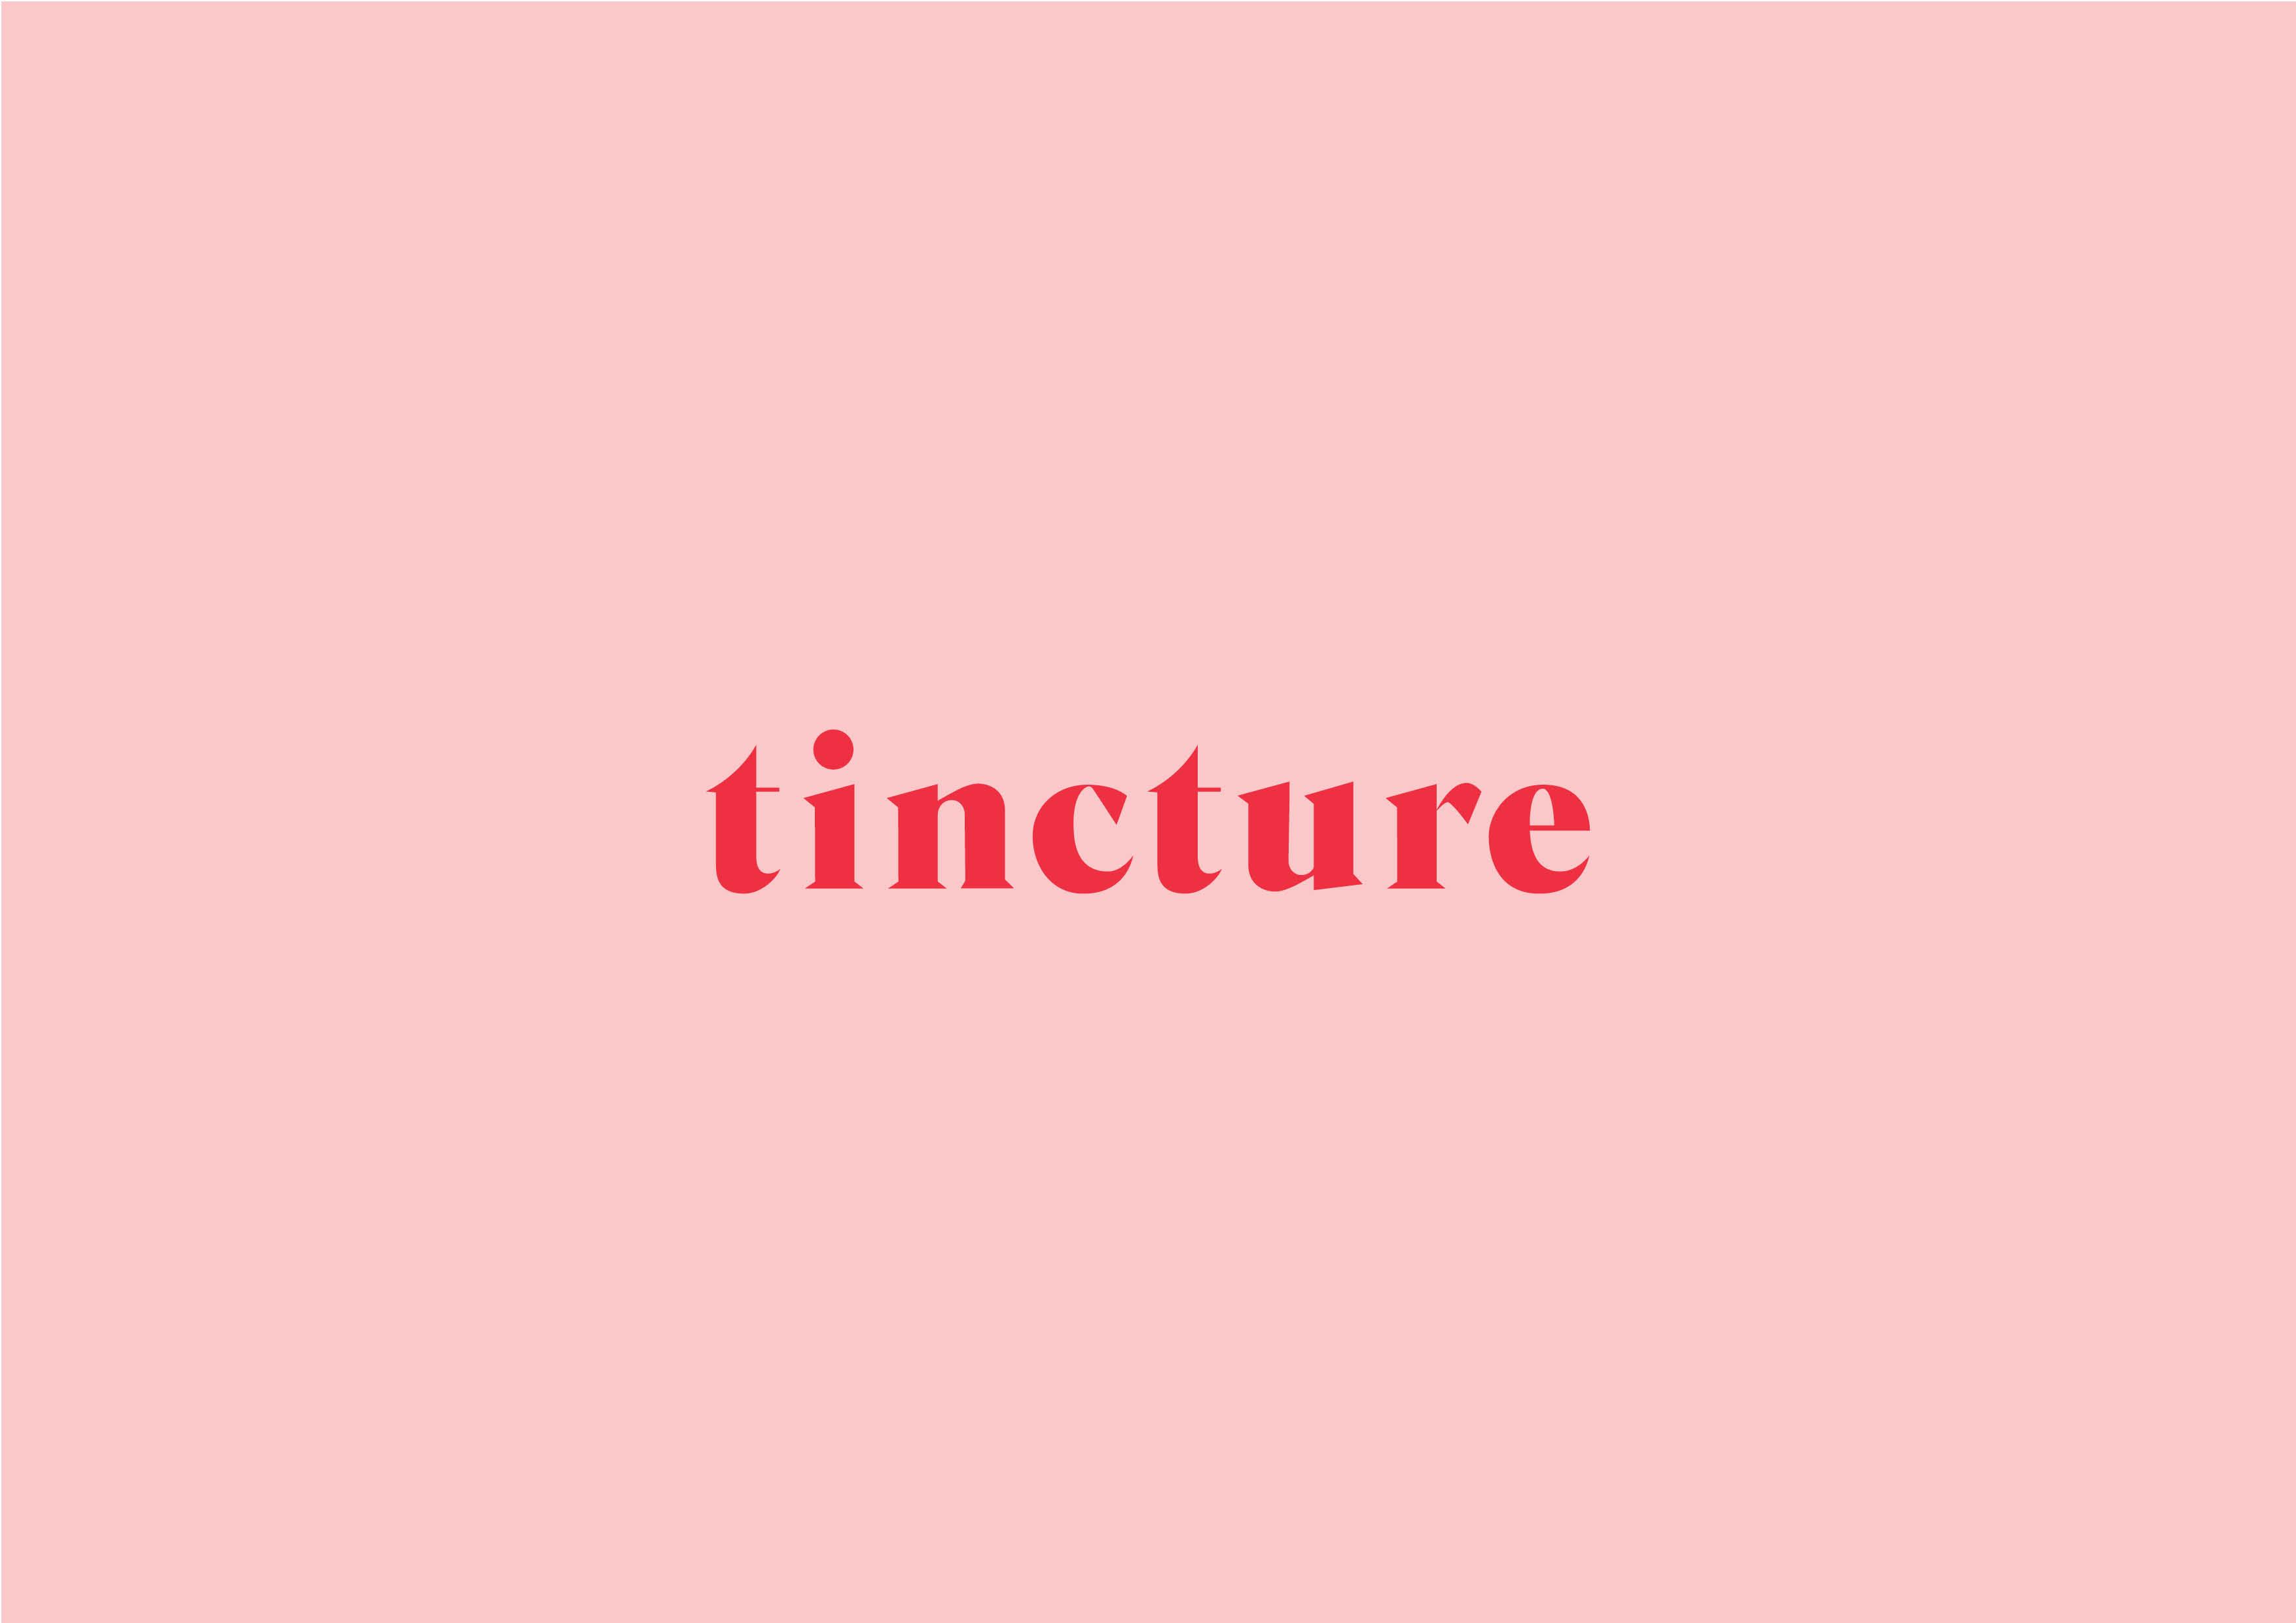 Tincture_logo